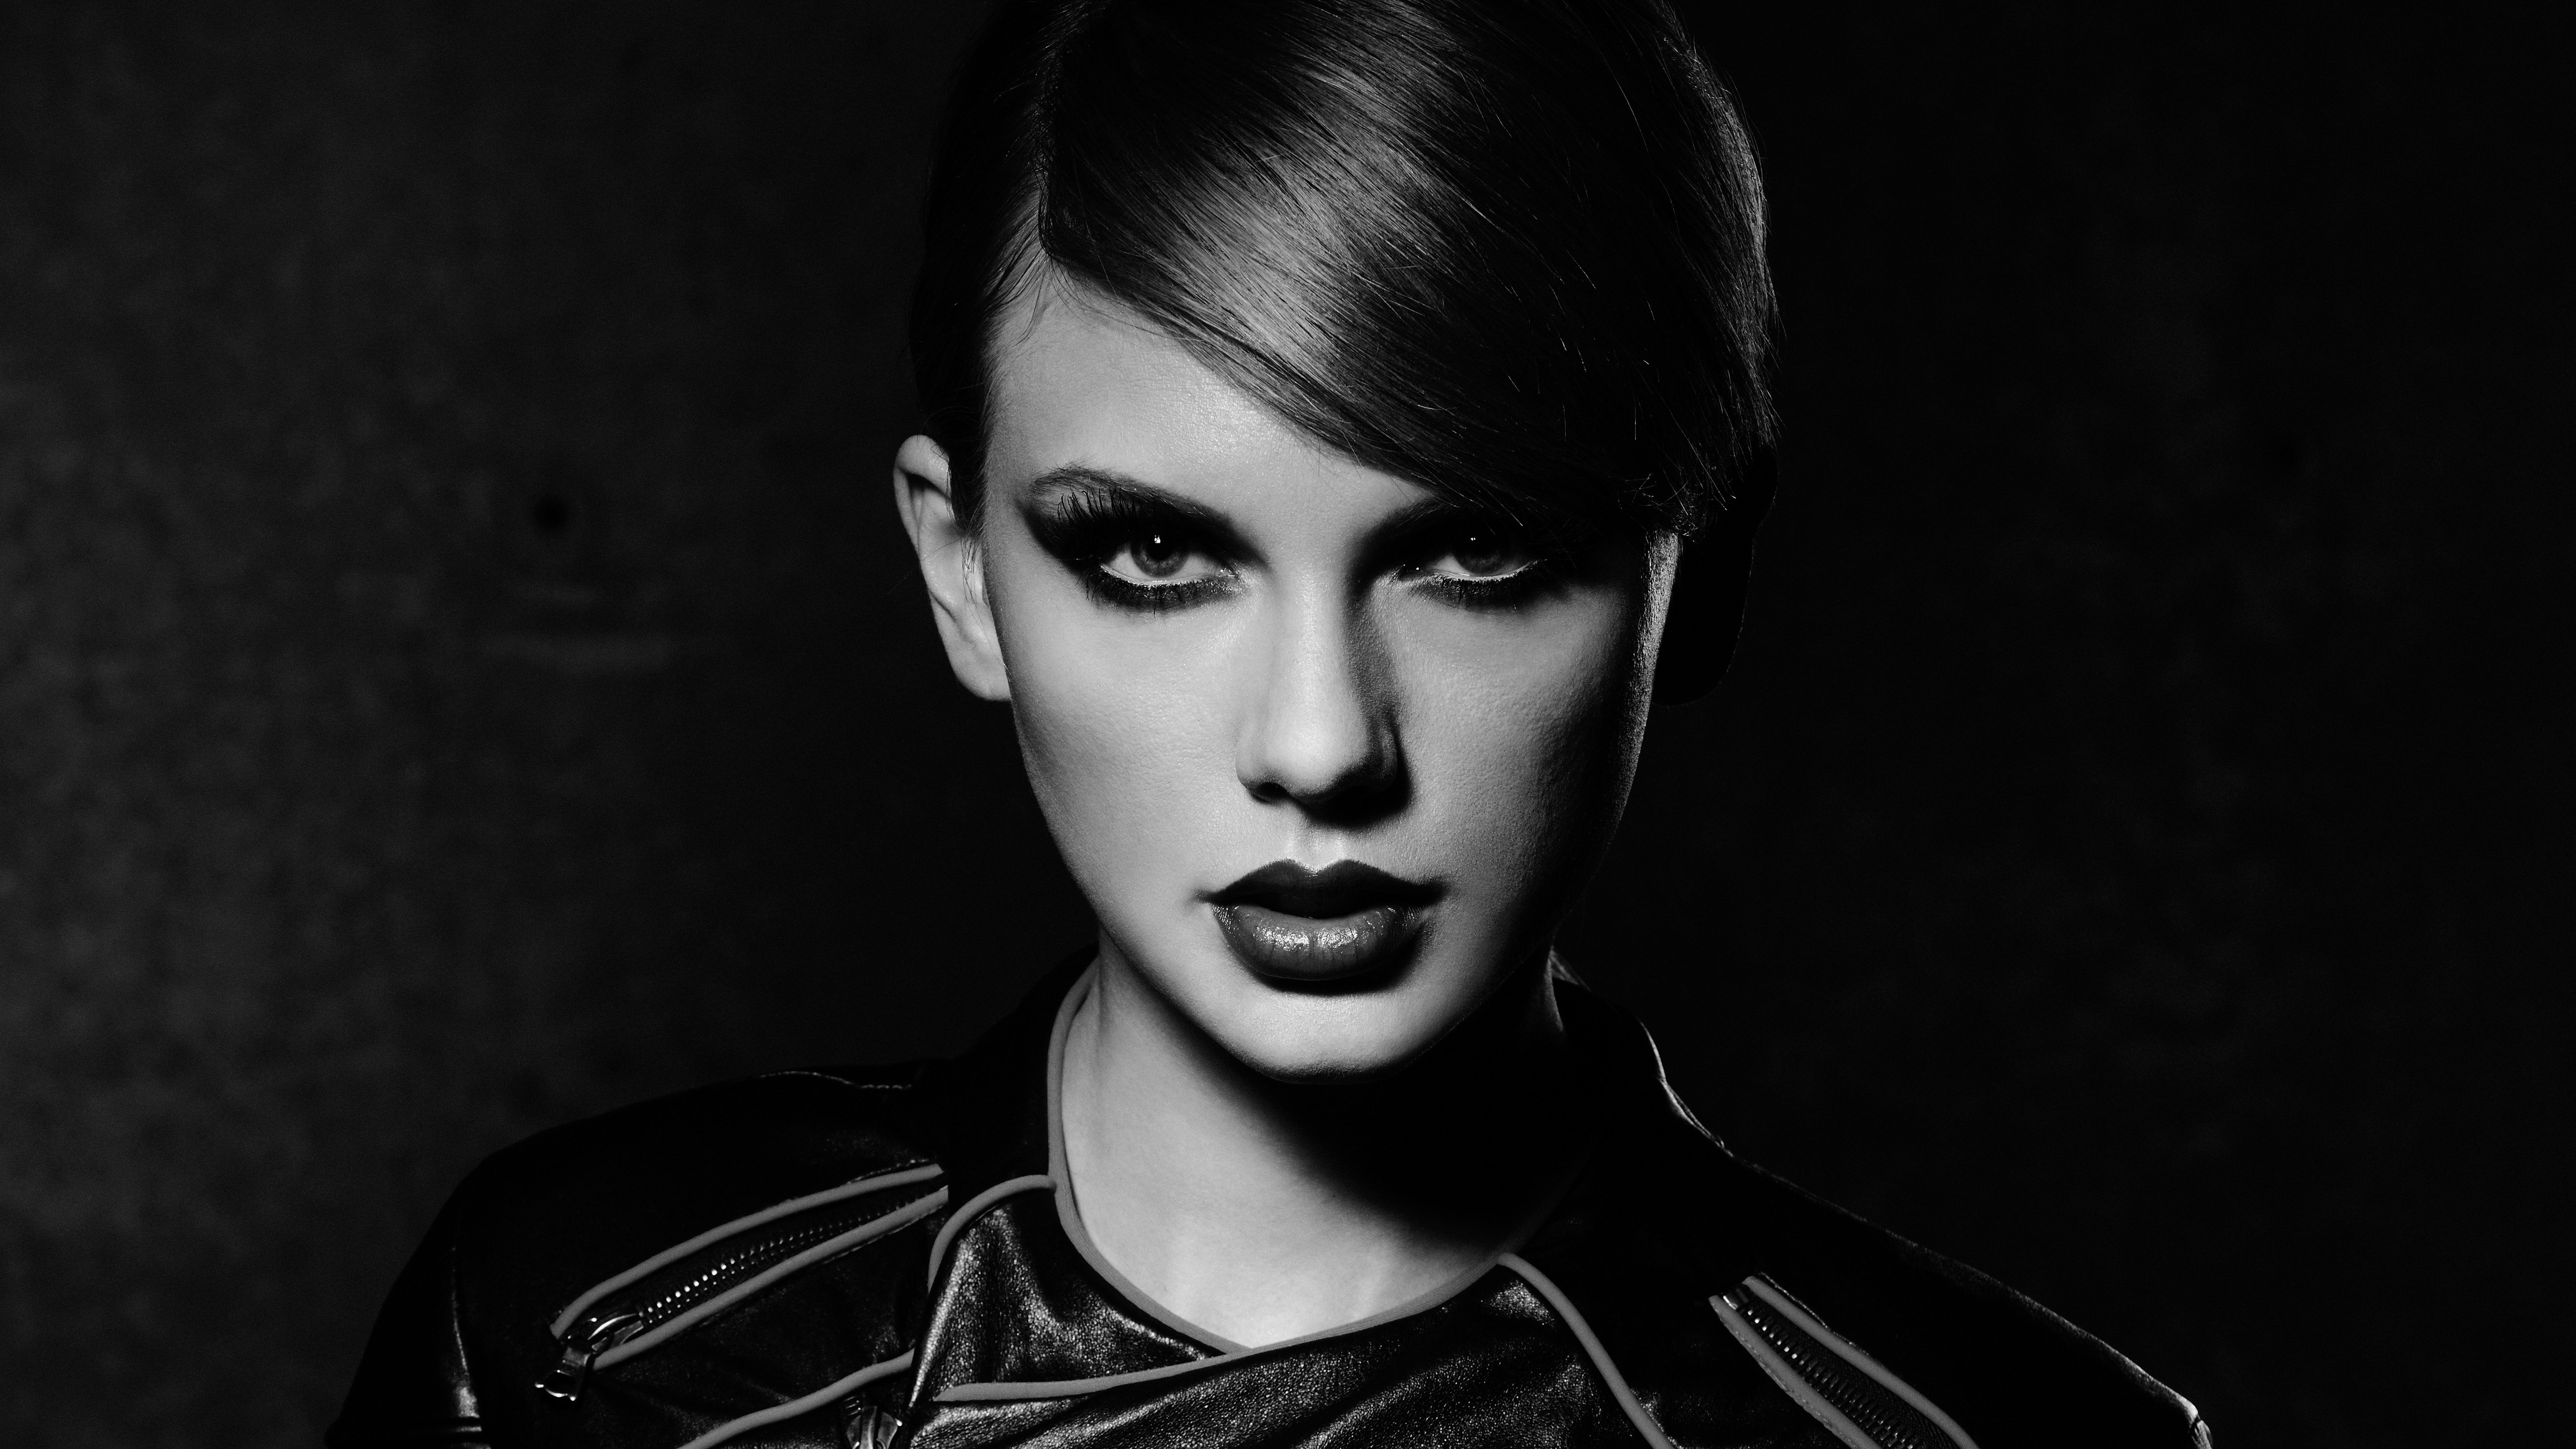 Fondos de pantalla Taylor Swift en Escala de grises